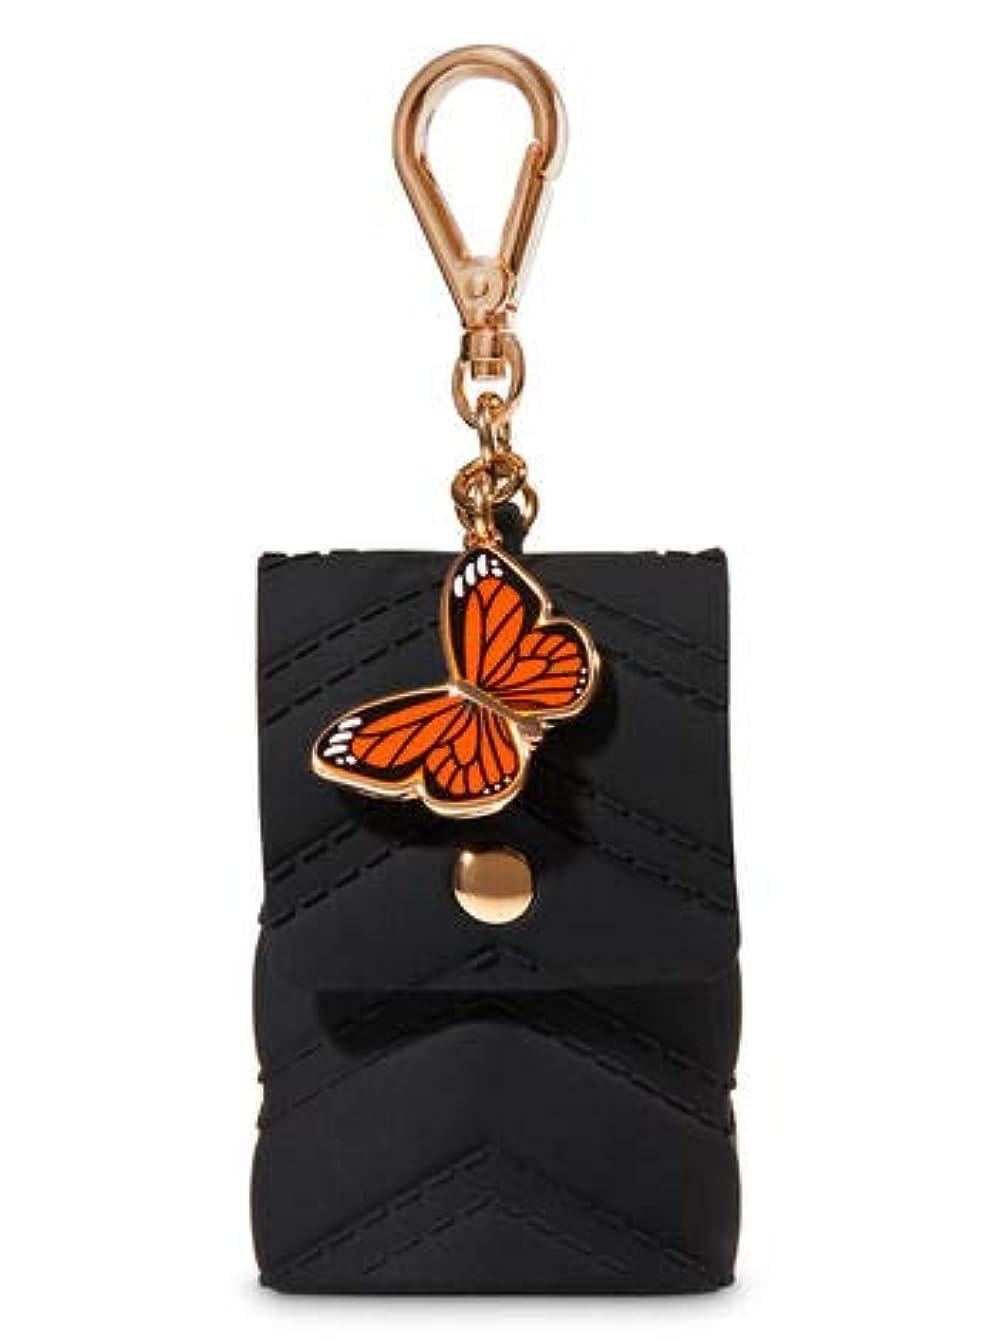 伝染病素晴らしさ中国【Bath&Body Works/バス&ボディワークス】 抗菌ハンドジェルホルダー バタフライチャーム Pocketbac Holder Butterfly Charm [並行輸入品]